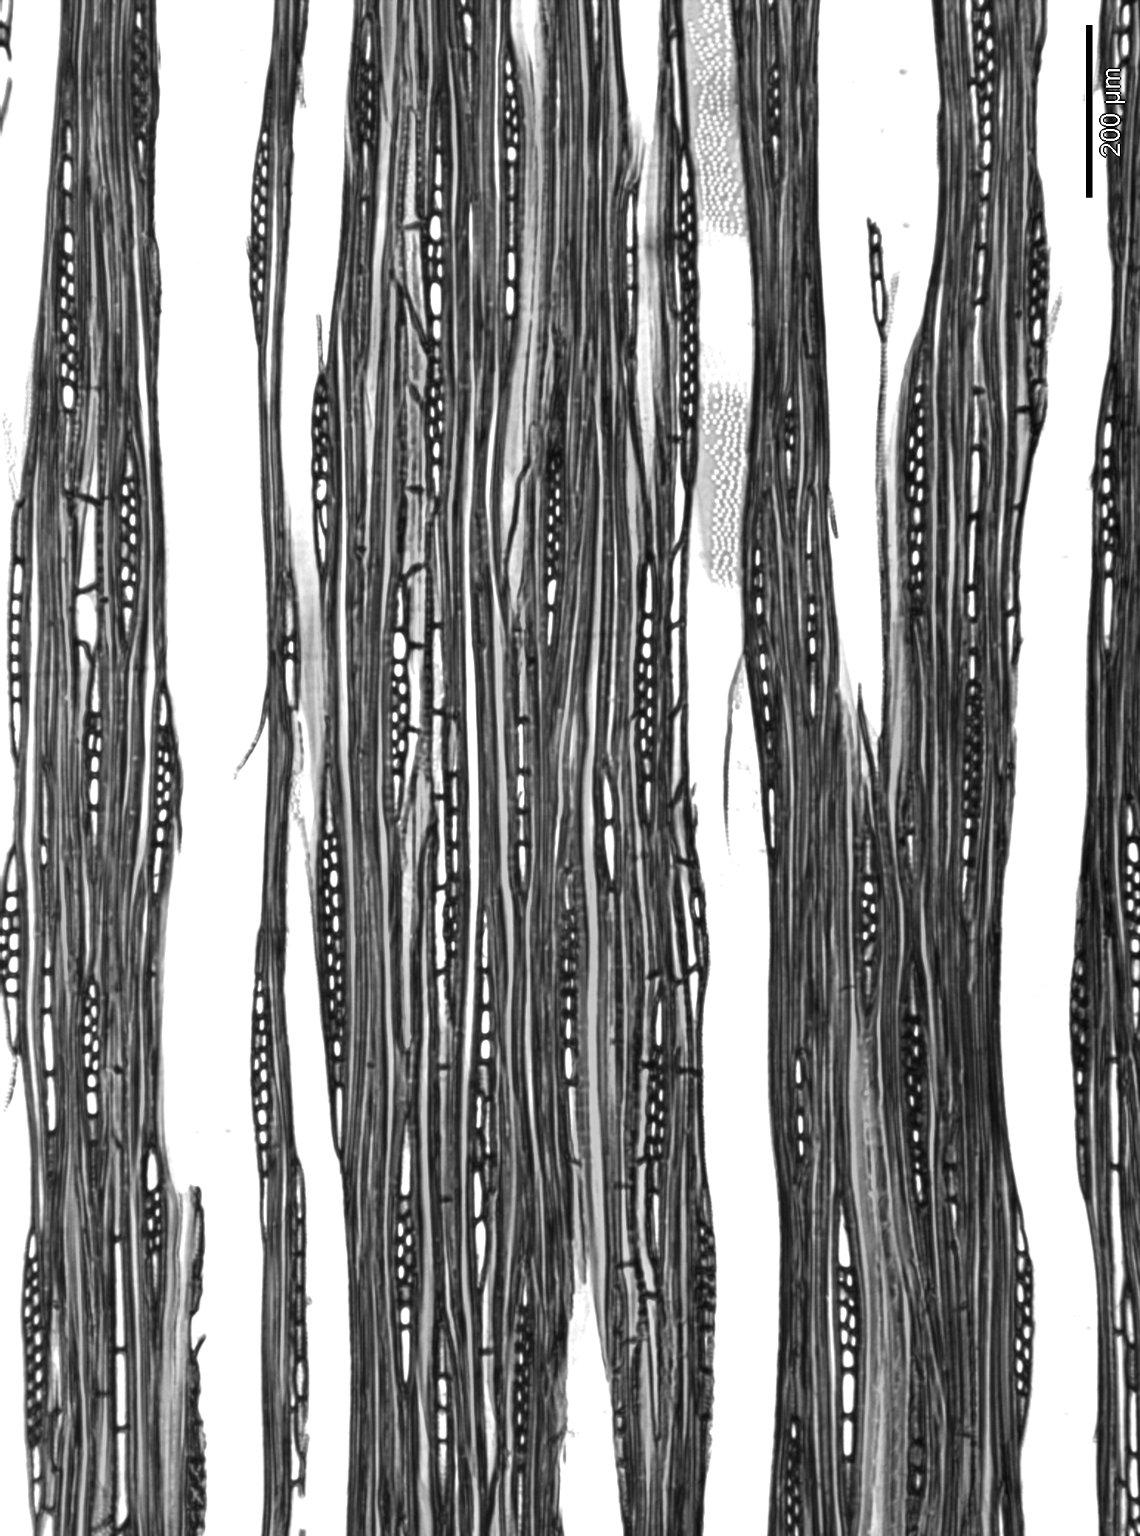 NYSSACEAE Nyssa sinensis